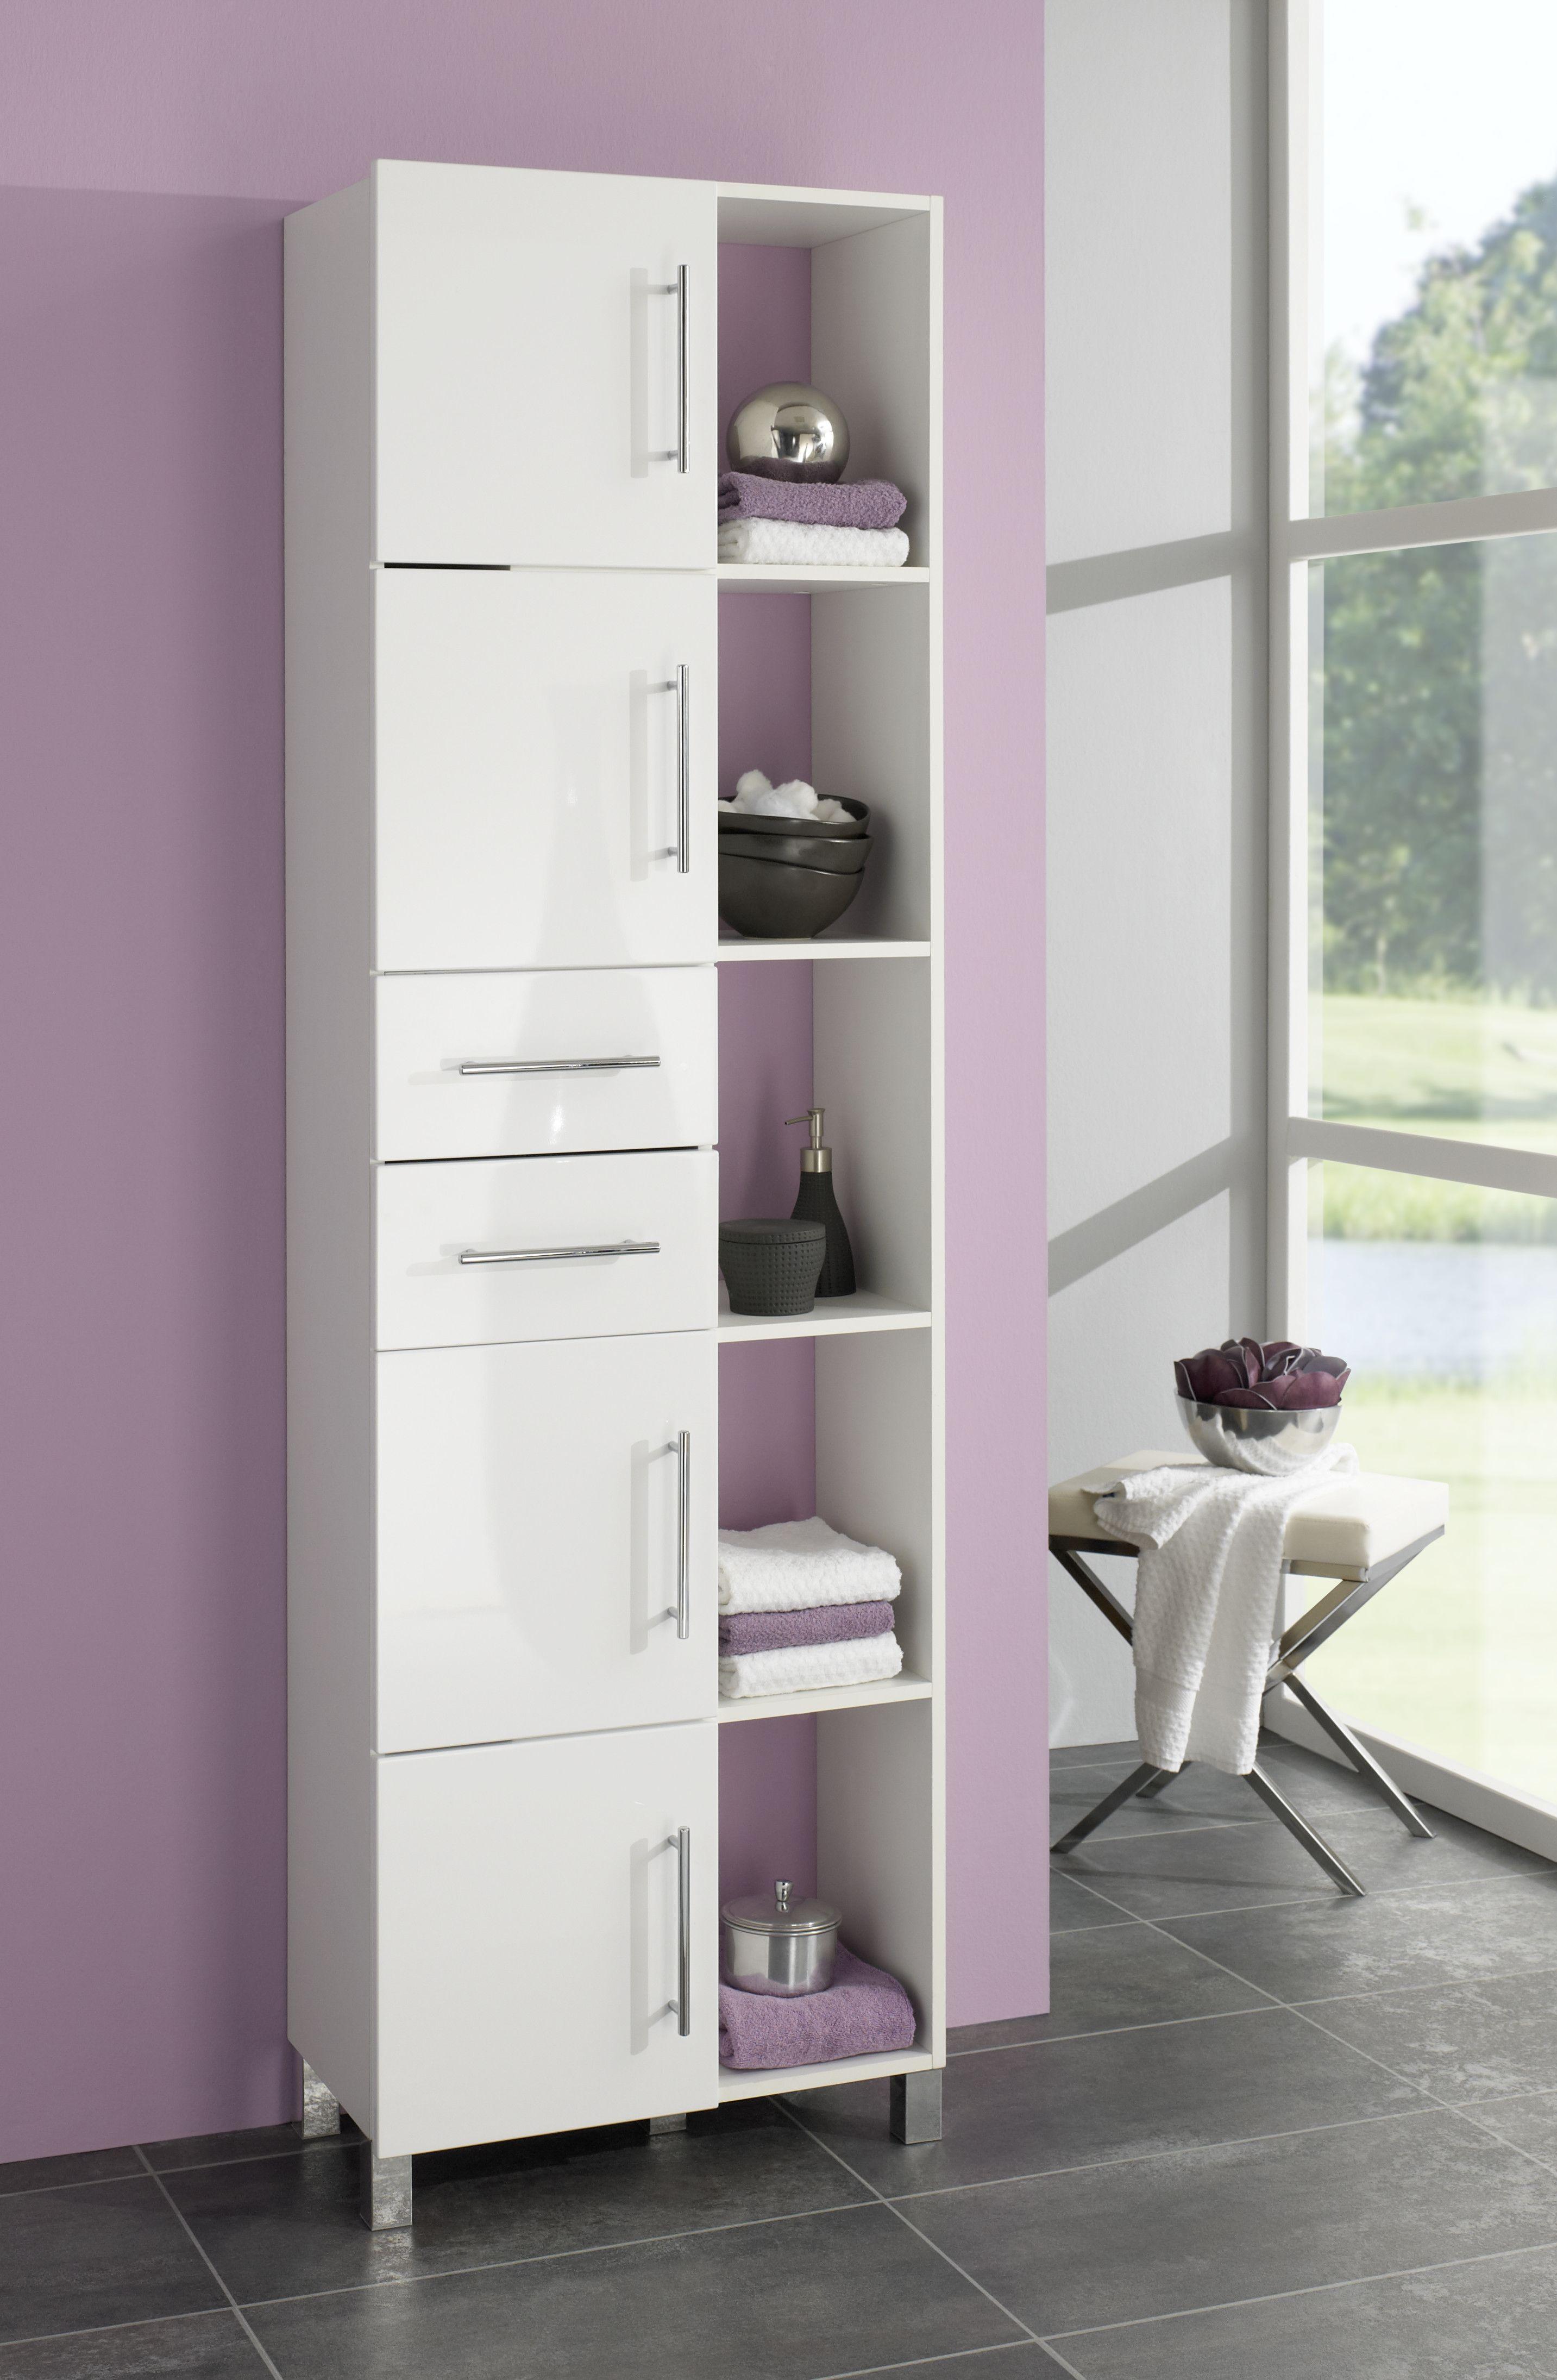 Pin von ladendirekt auf Badmöbel | Pinterest | Badezimmerschränke ...